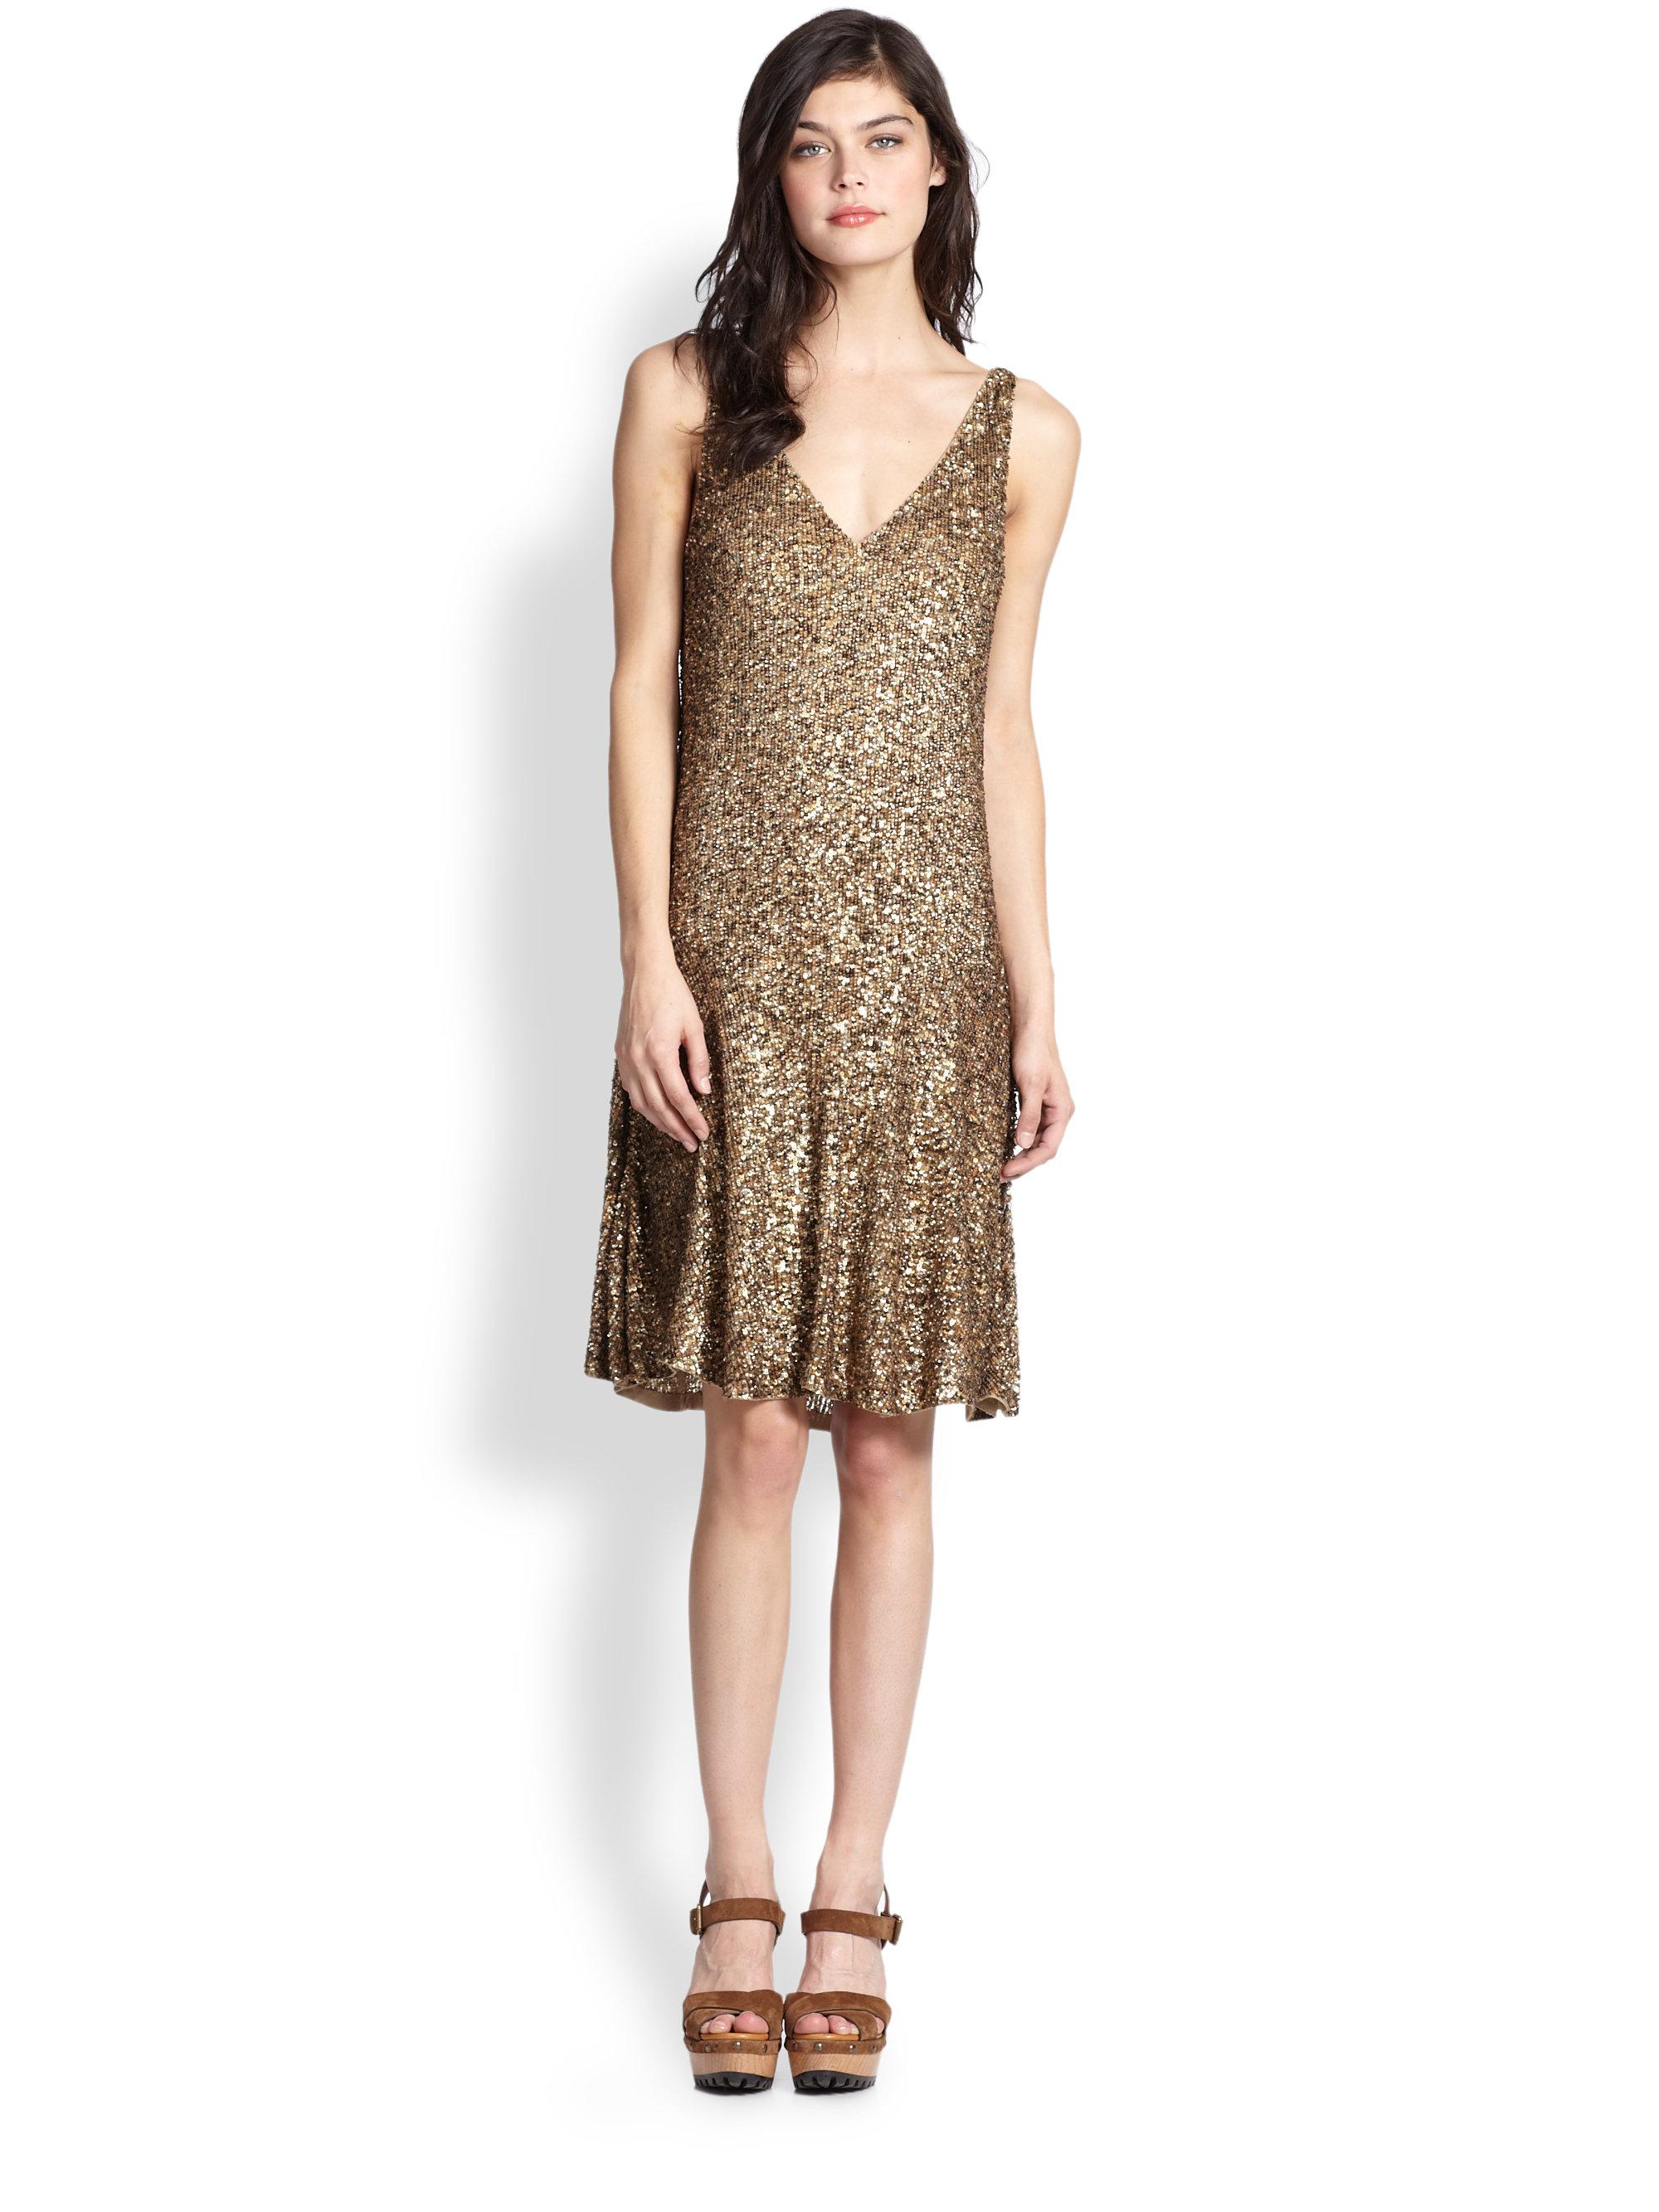 Lyst - Polo Ralph Lauren Sequined Dress in Metallic